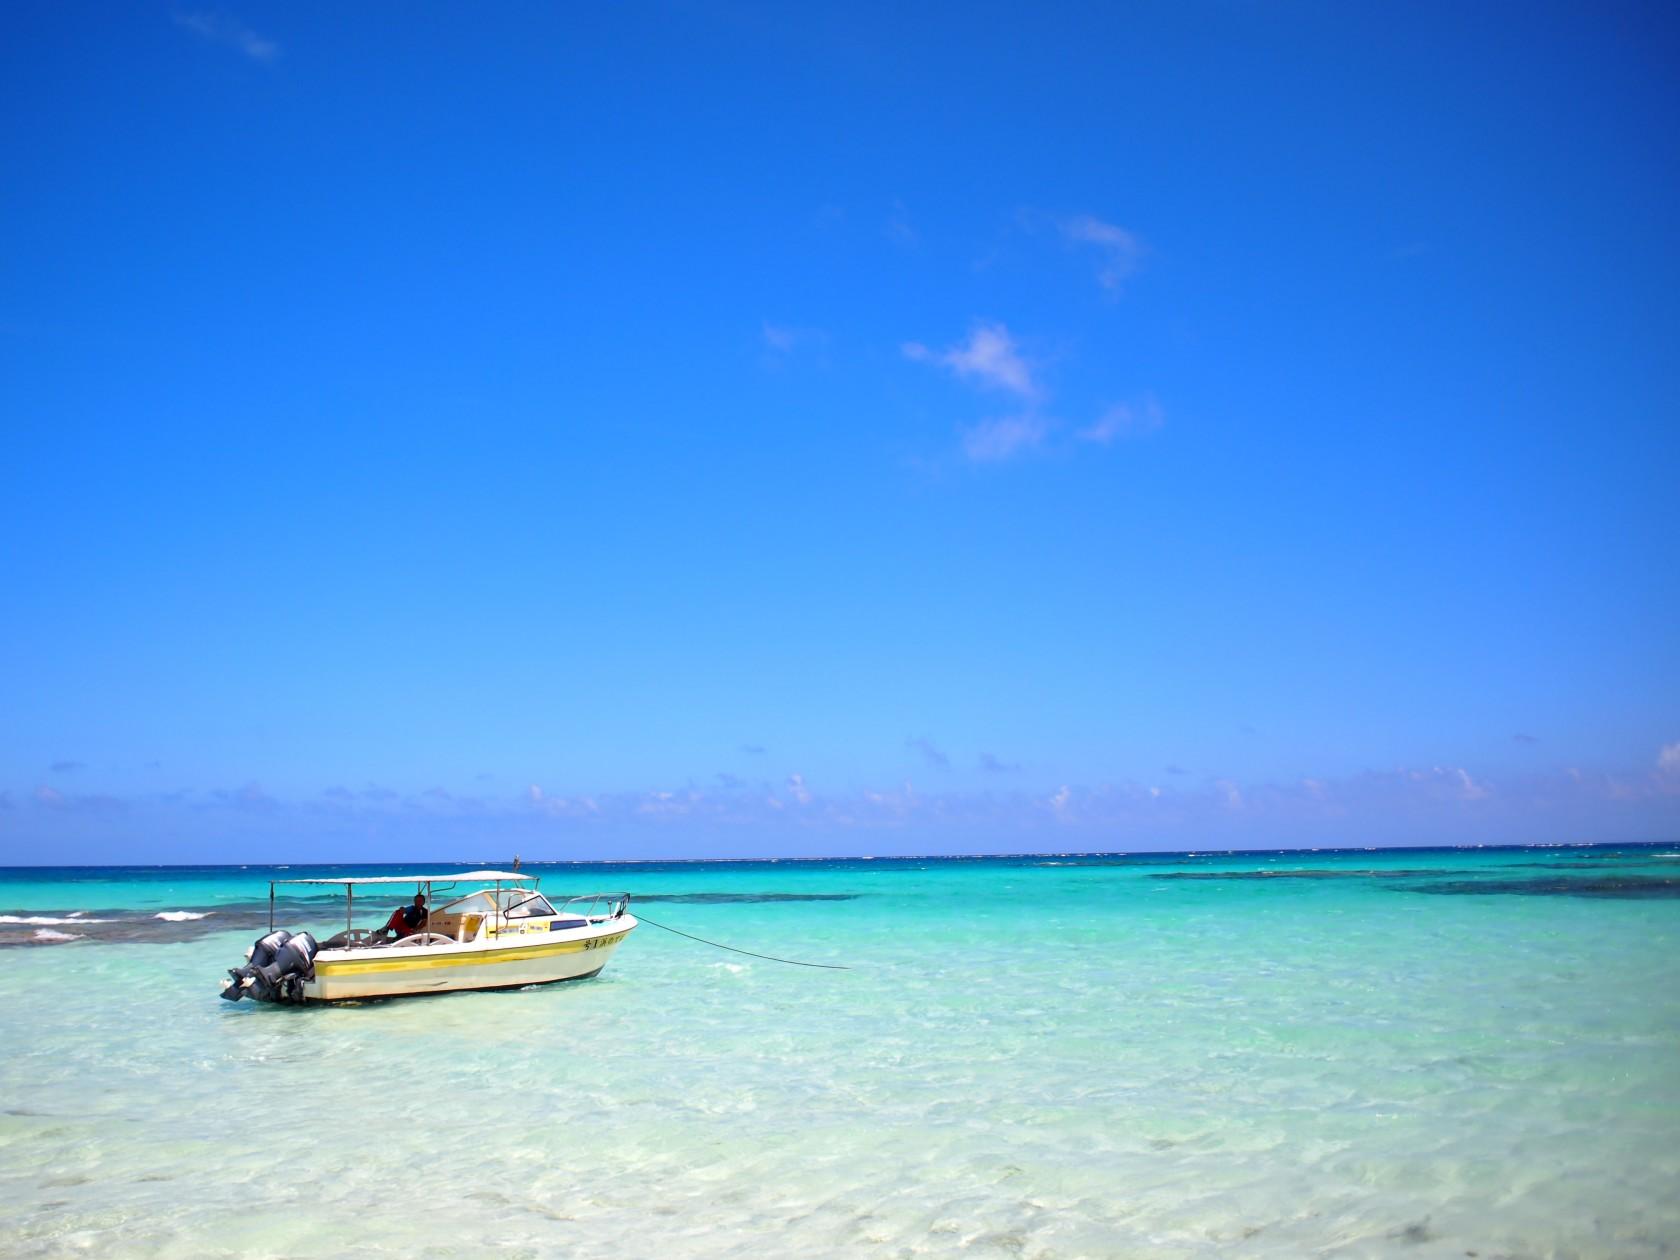 久米島のはての浜をふたりじめ。贅沢気分と同時に感じた無人島の怖さ。